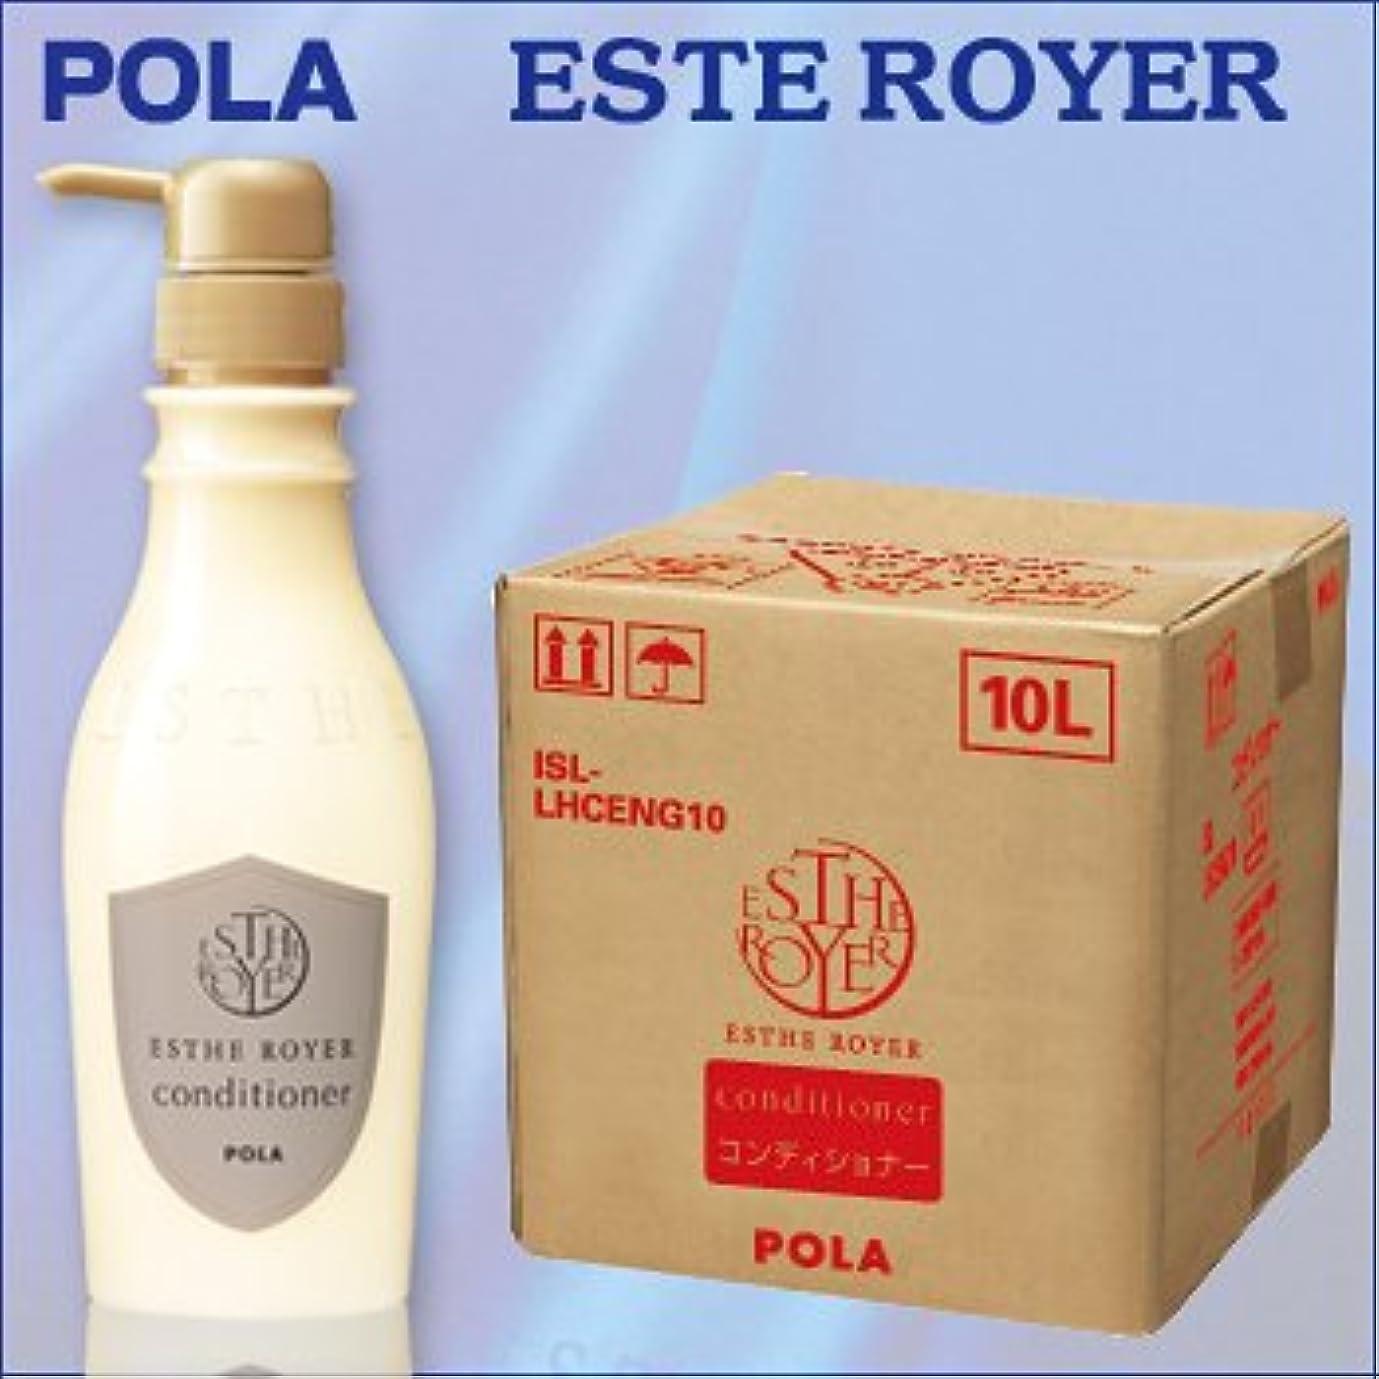 印刷するインフルエンザ受益者POLAエステロワイエ 業務用コンディショナー 10L (1セット10L入)